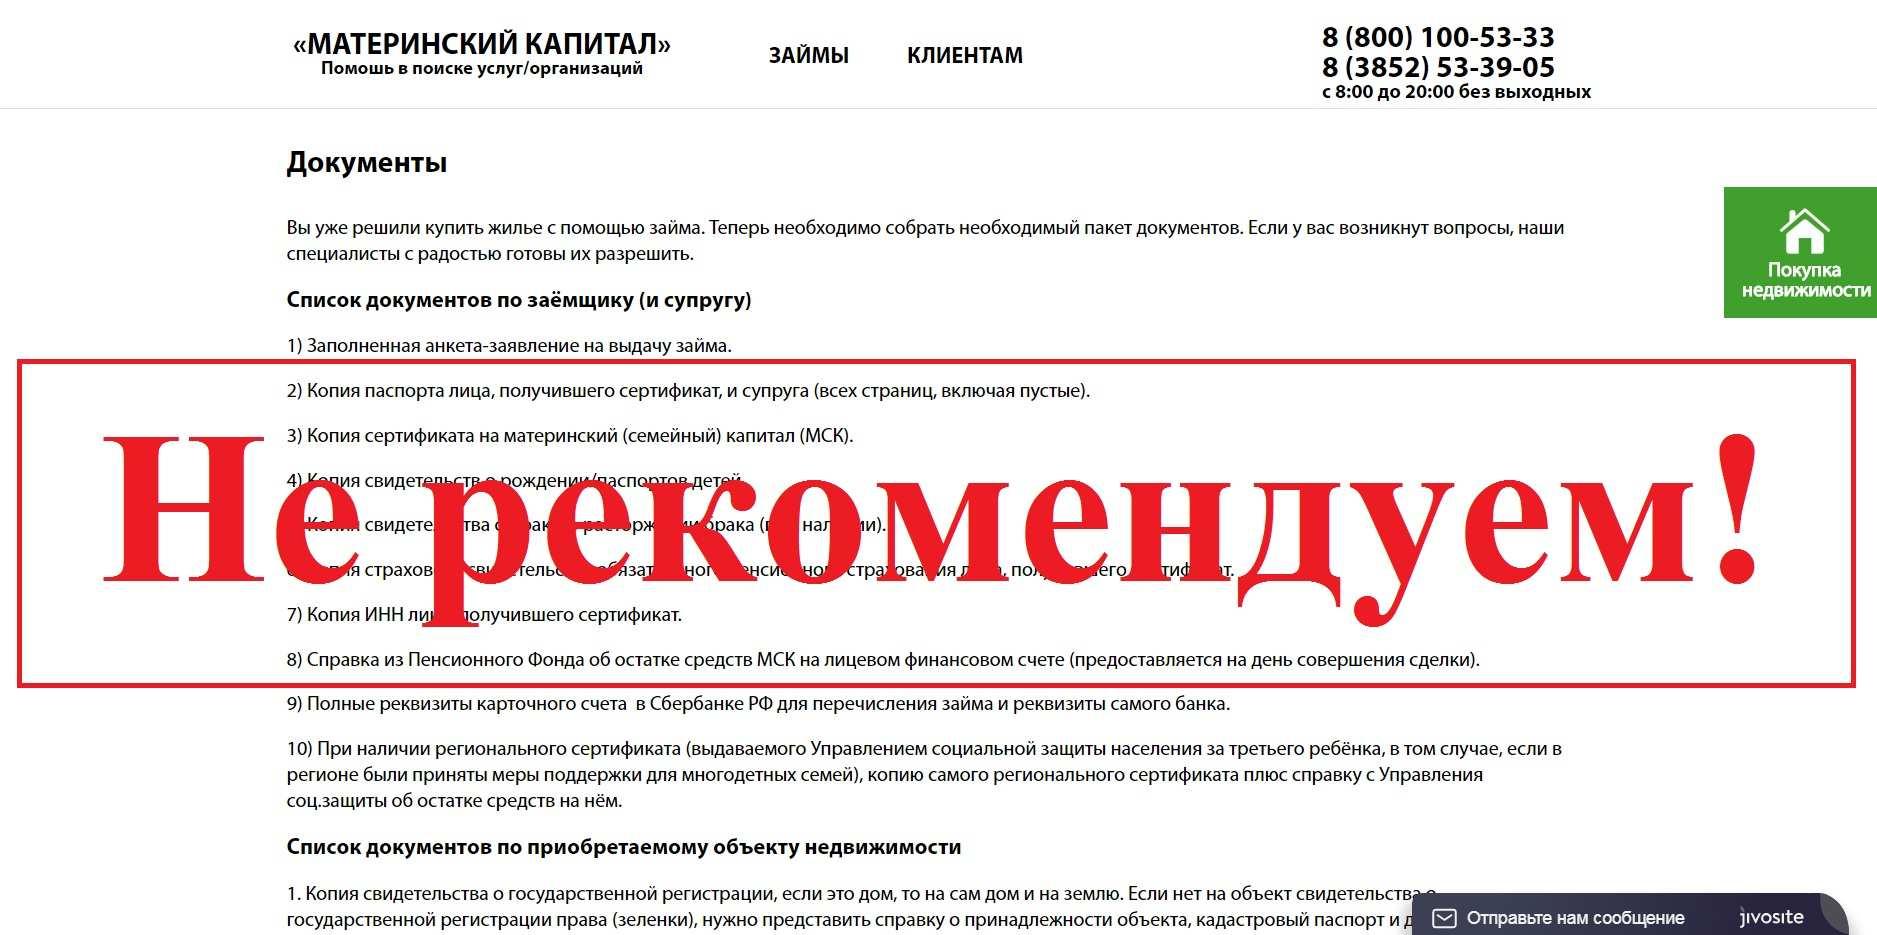 КПК «Материнский капитал» – отзывы о кооперативе